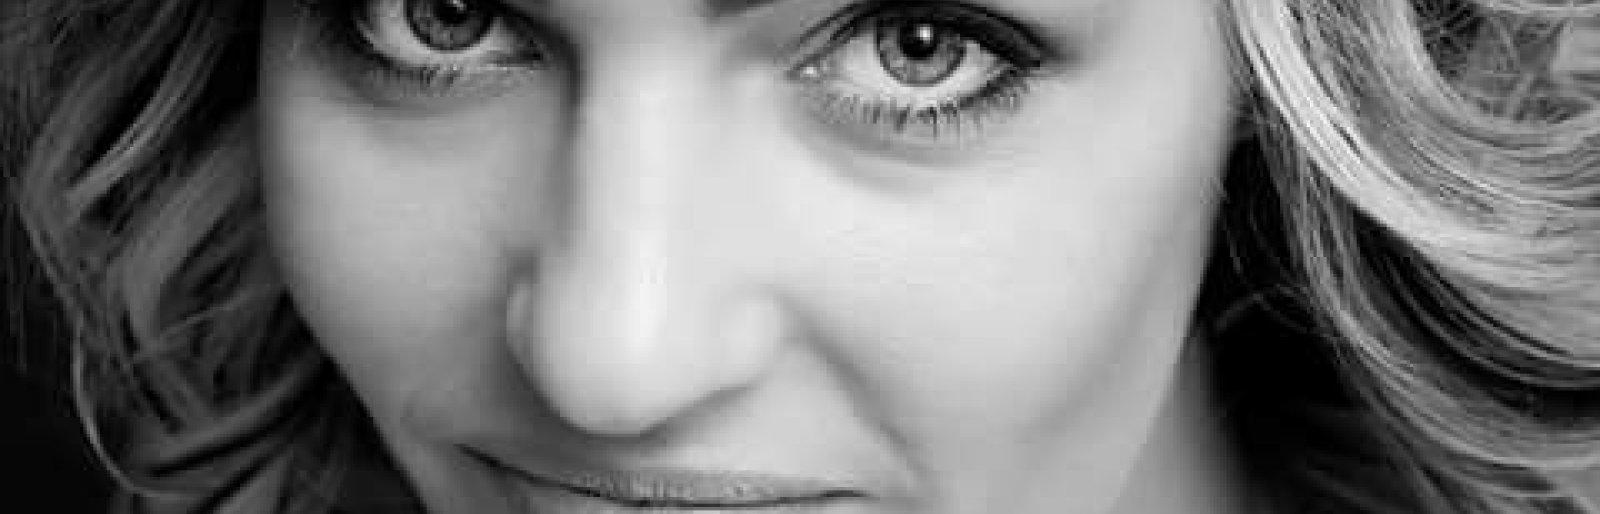 Arline Bendeman